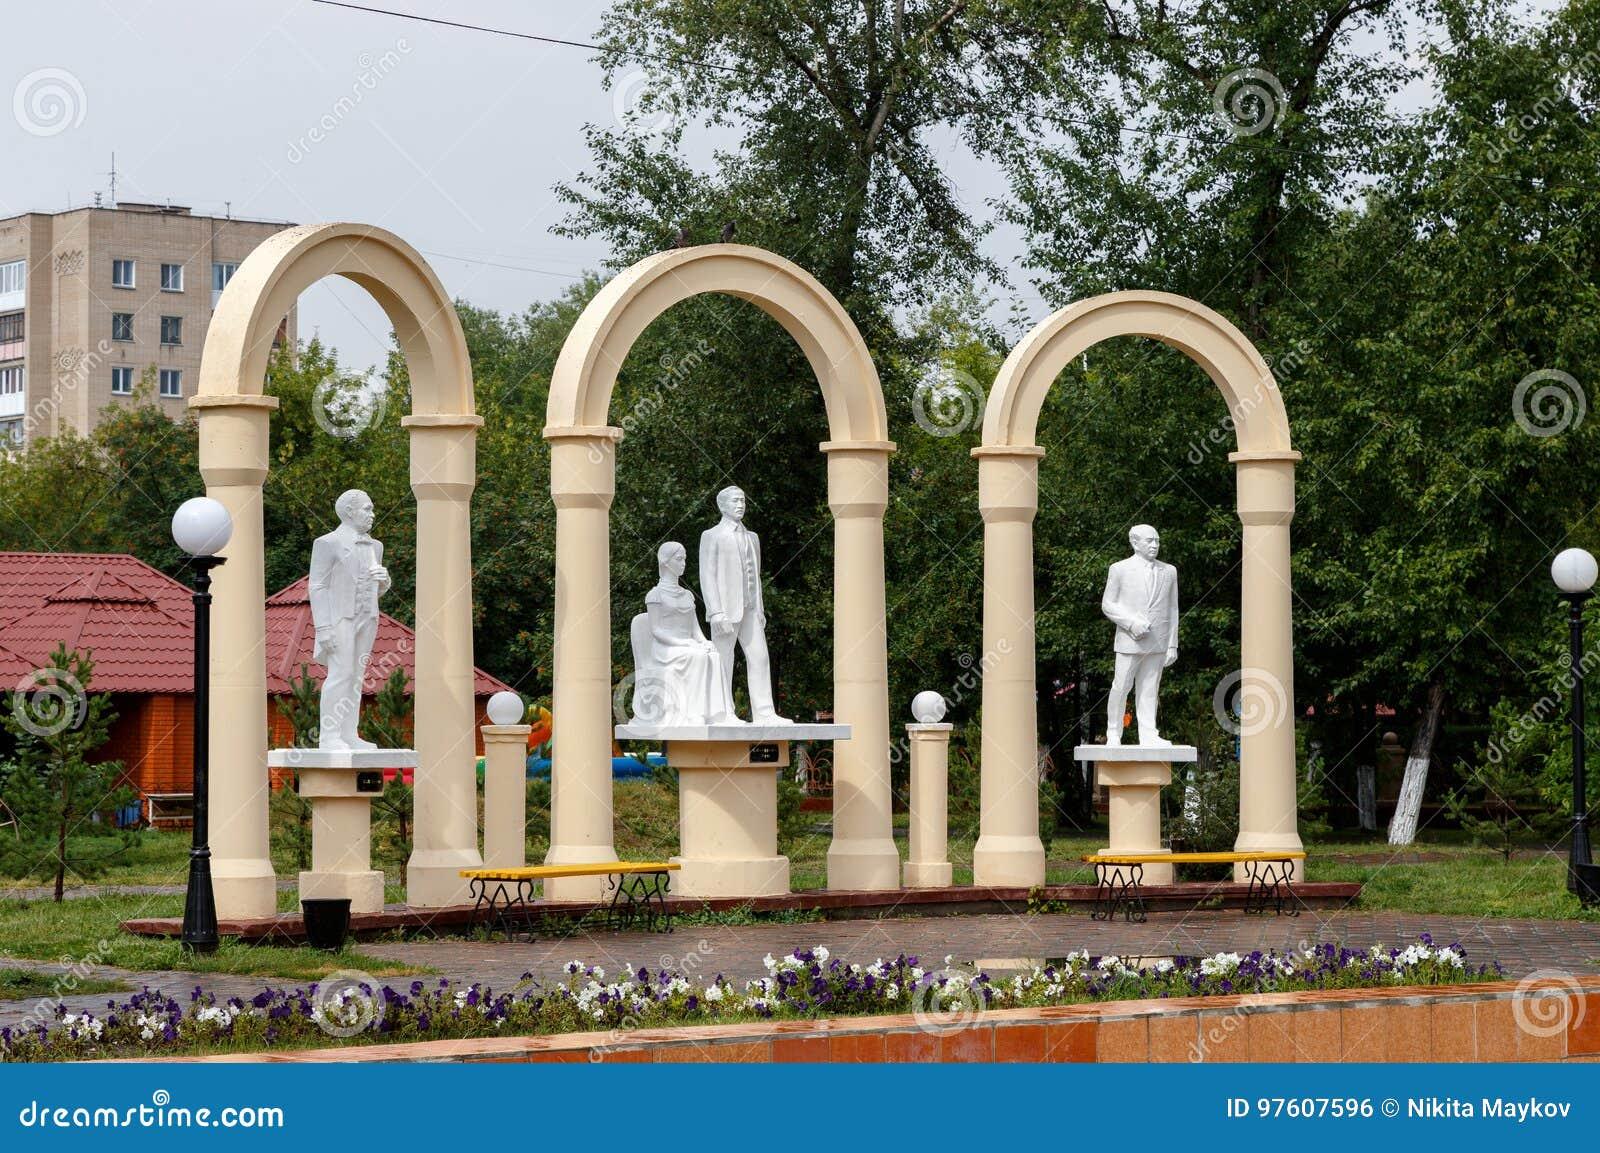 Petropavl, Kazakhstan - August 11, 2016: Sculpture Made Of